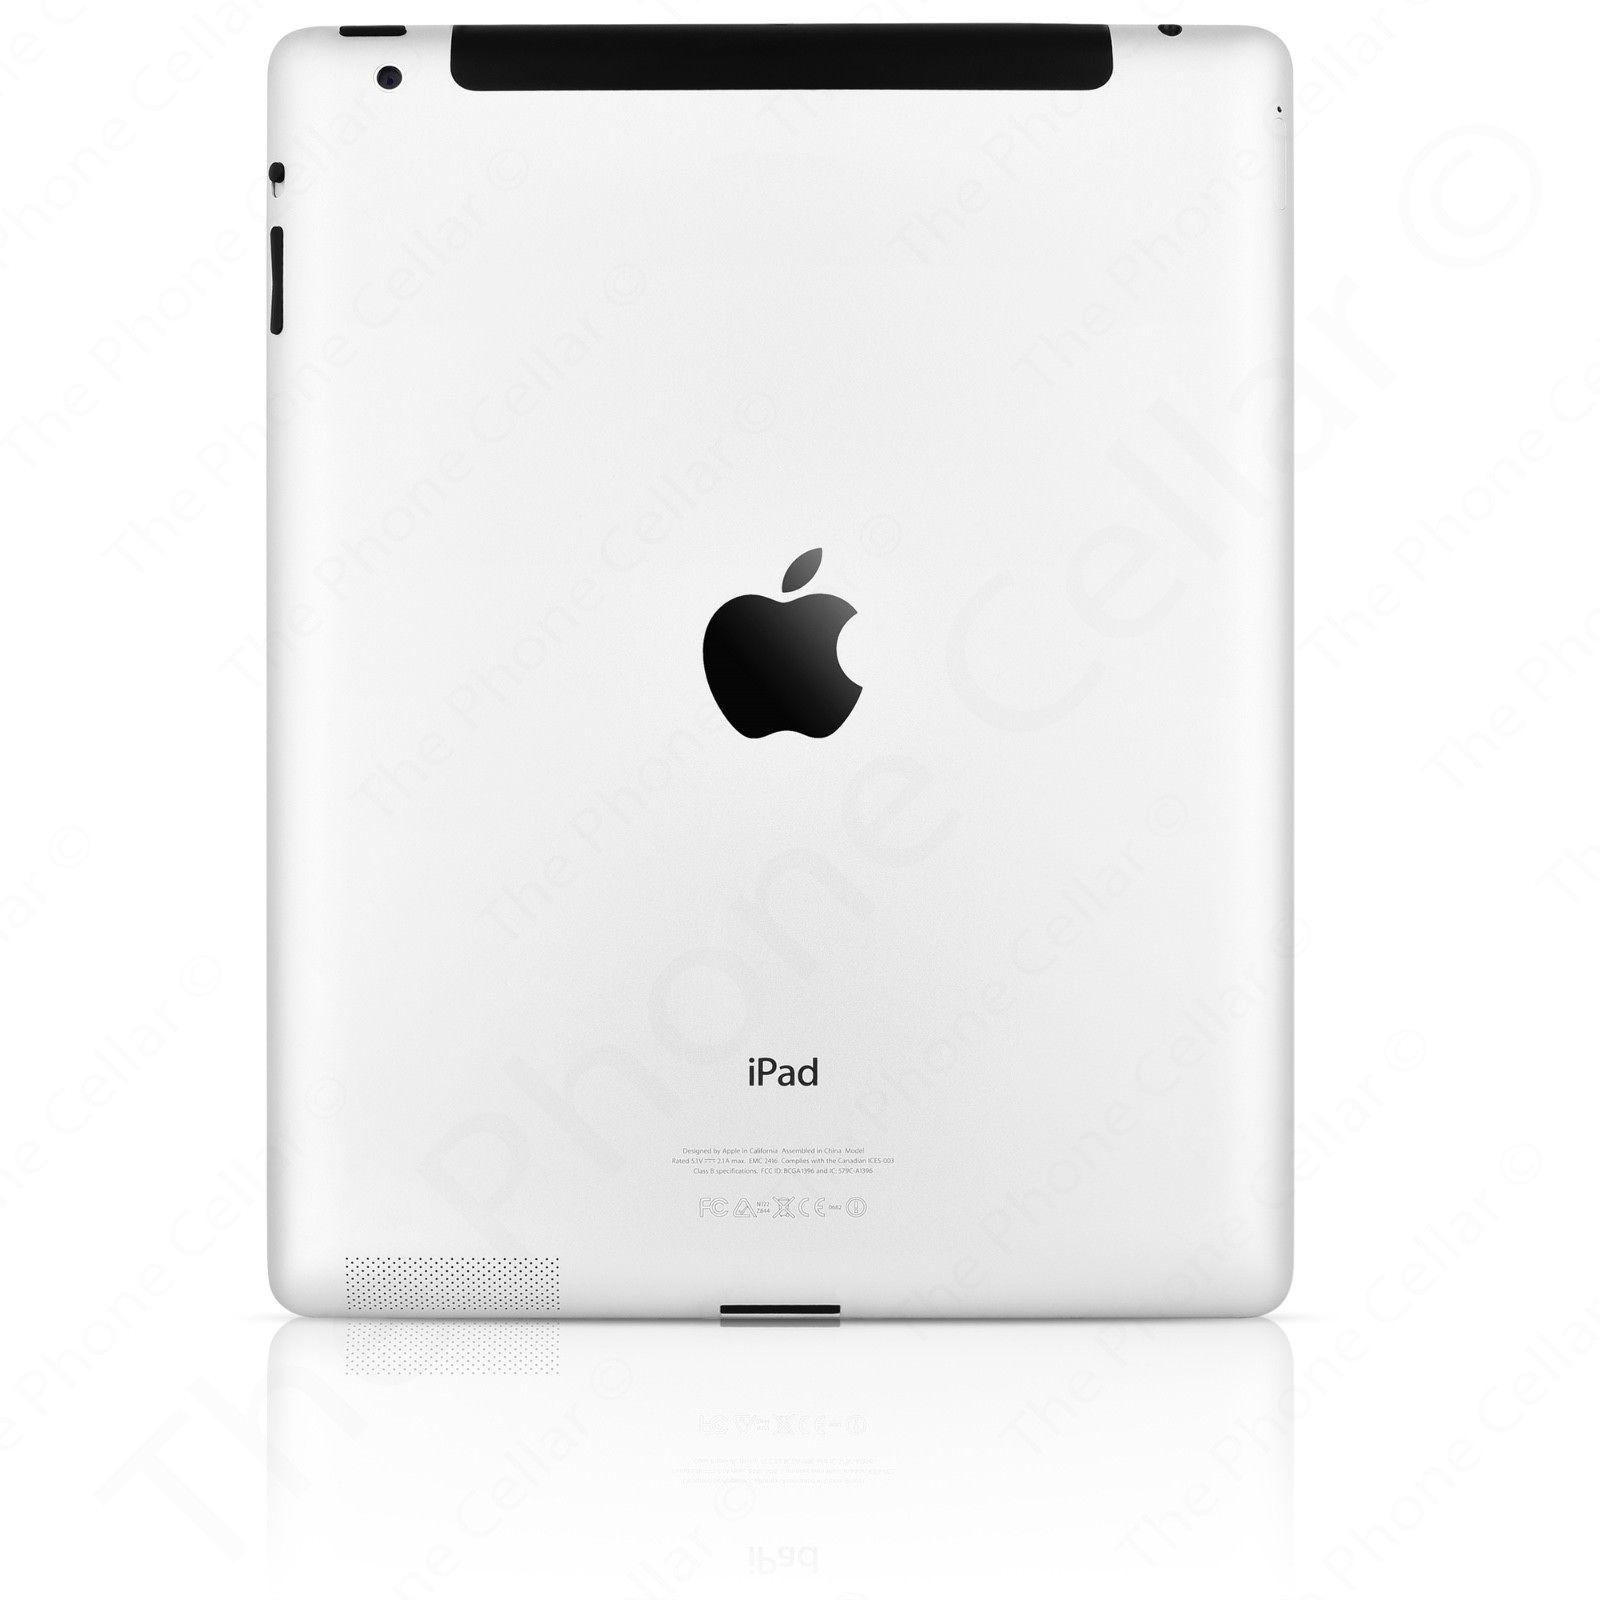 Apple iPad 264GB Cellular White Verizon Wi-Fi 9.7in